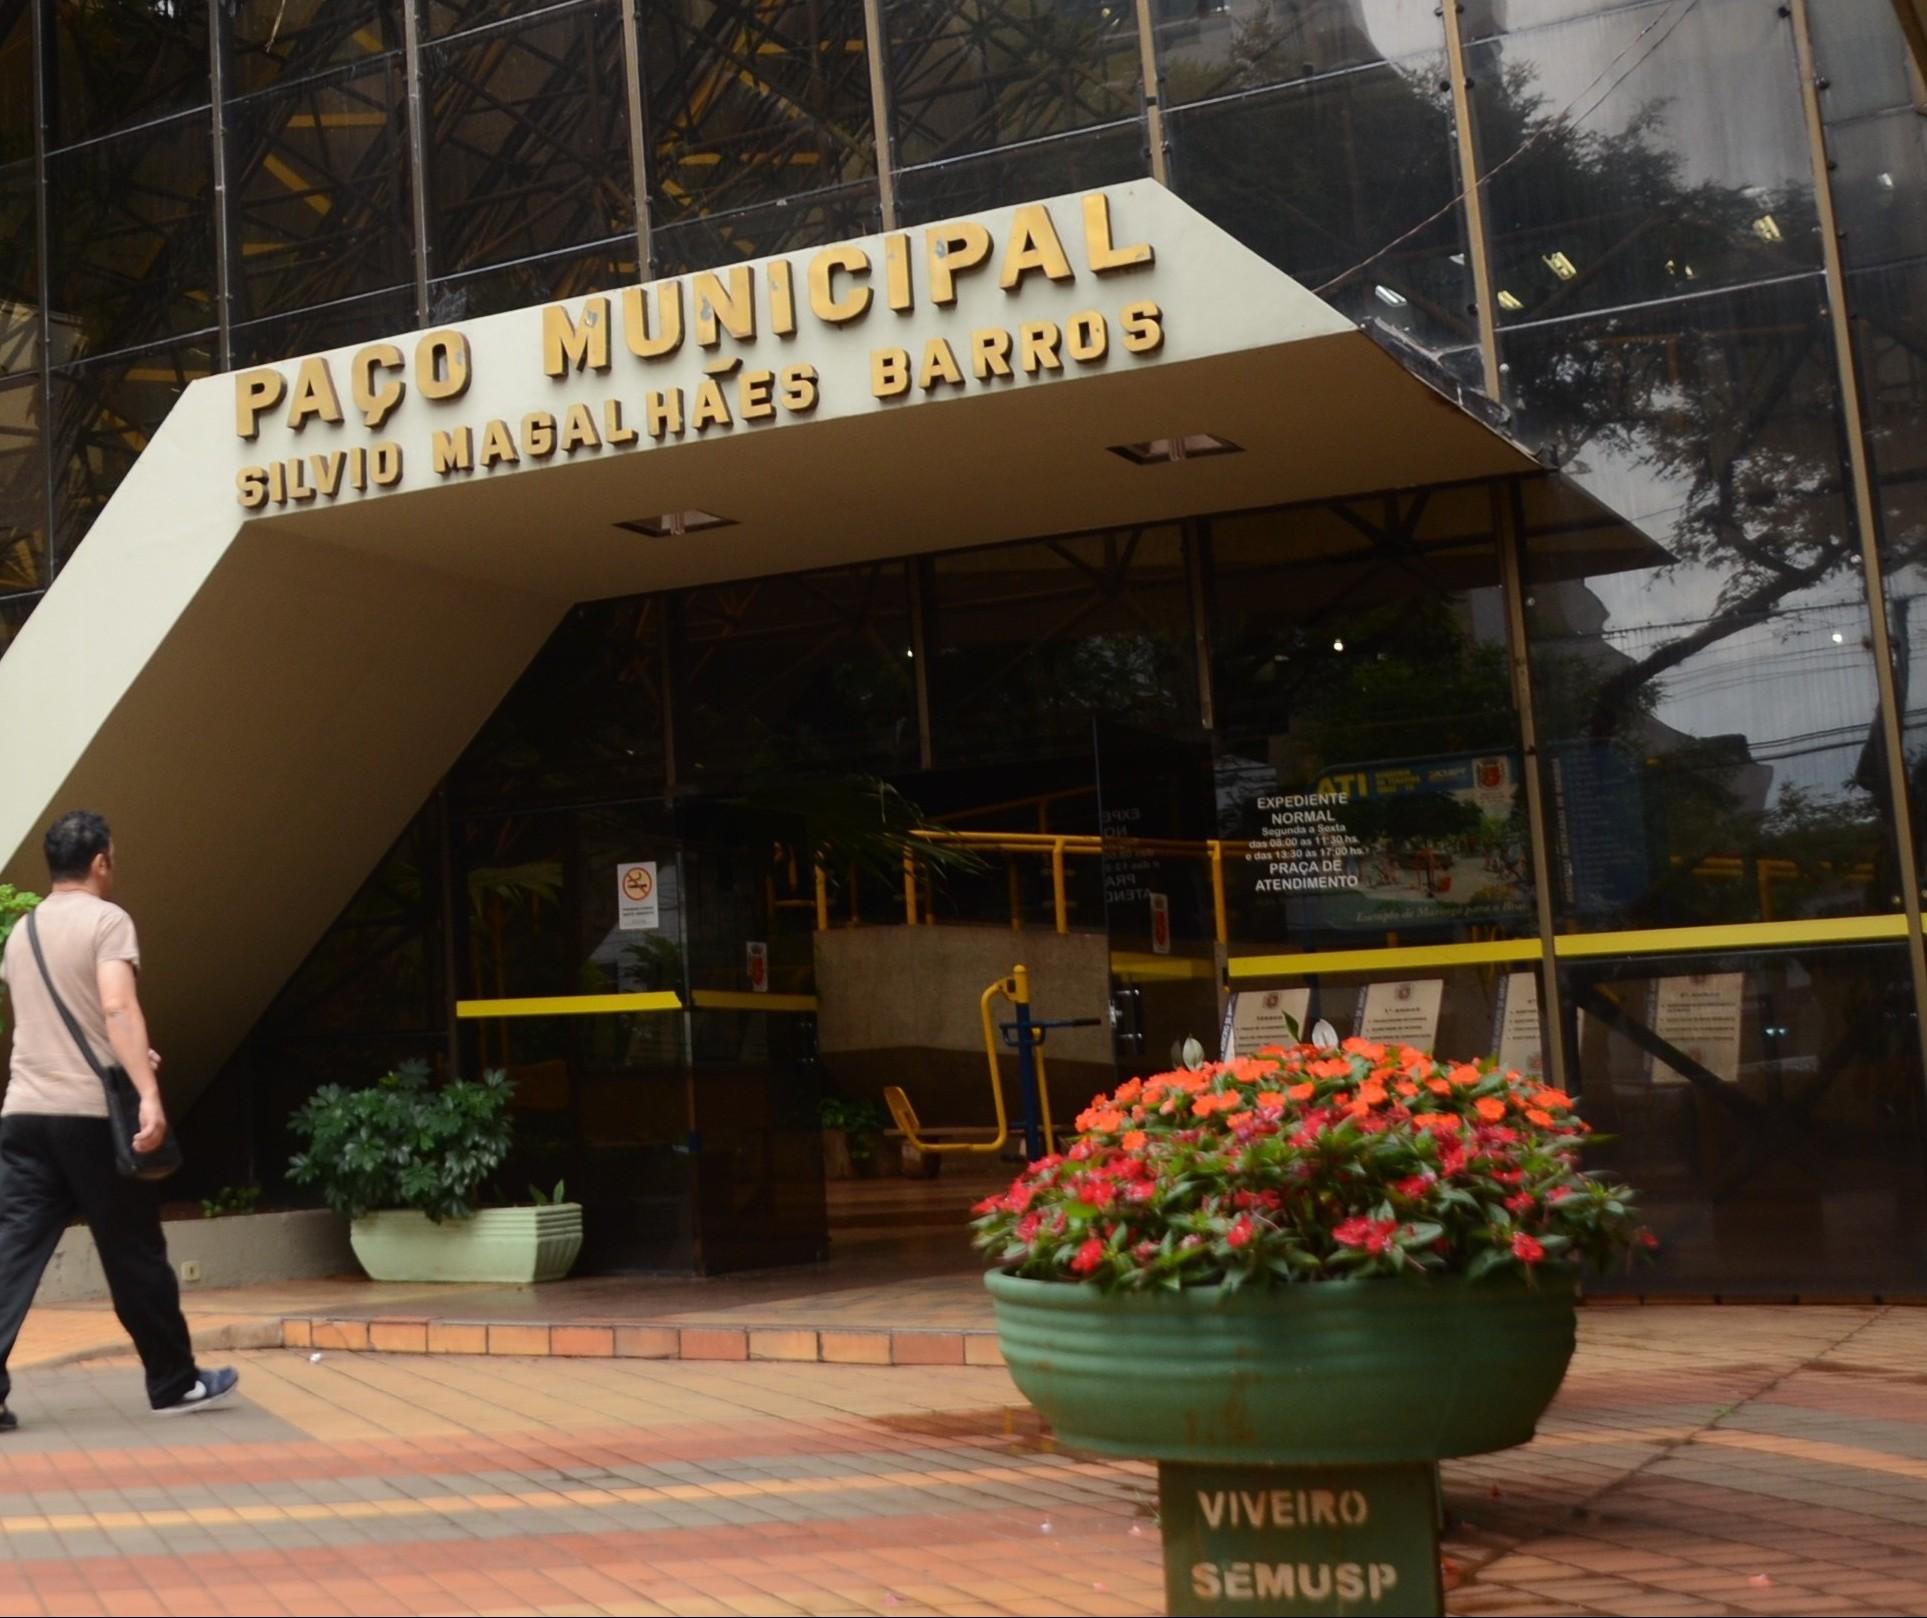 Em oito quadrimestres, sete tiveram superávit financeiro. A exceção foi o primeiro deste ano, que registrou déficit de R$ 5 milhões.